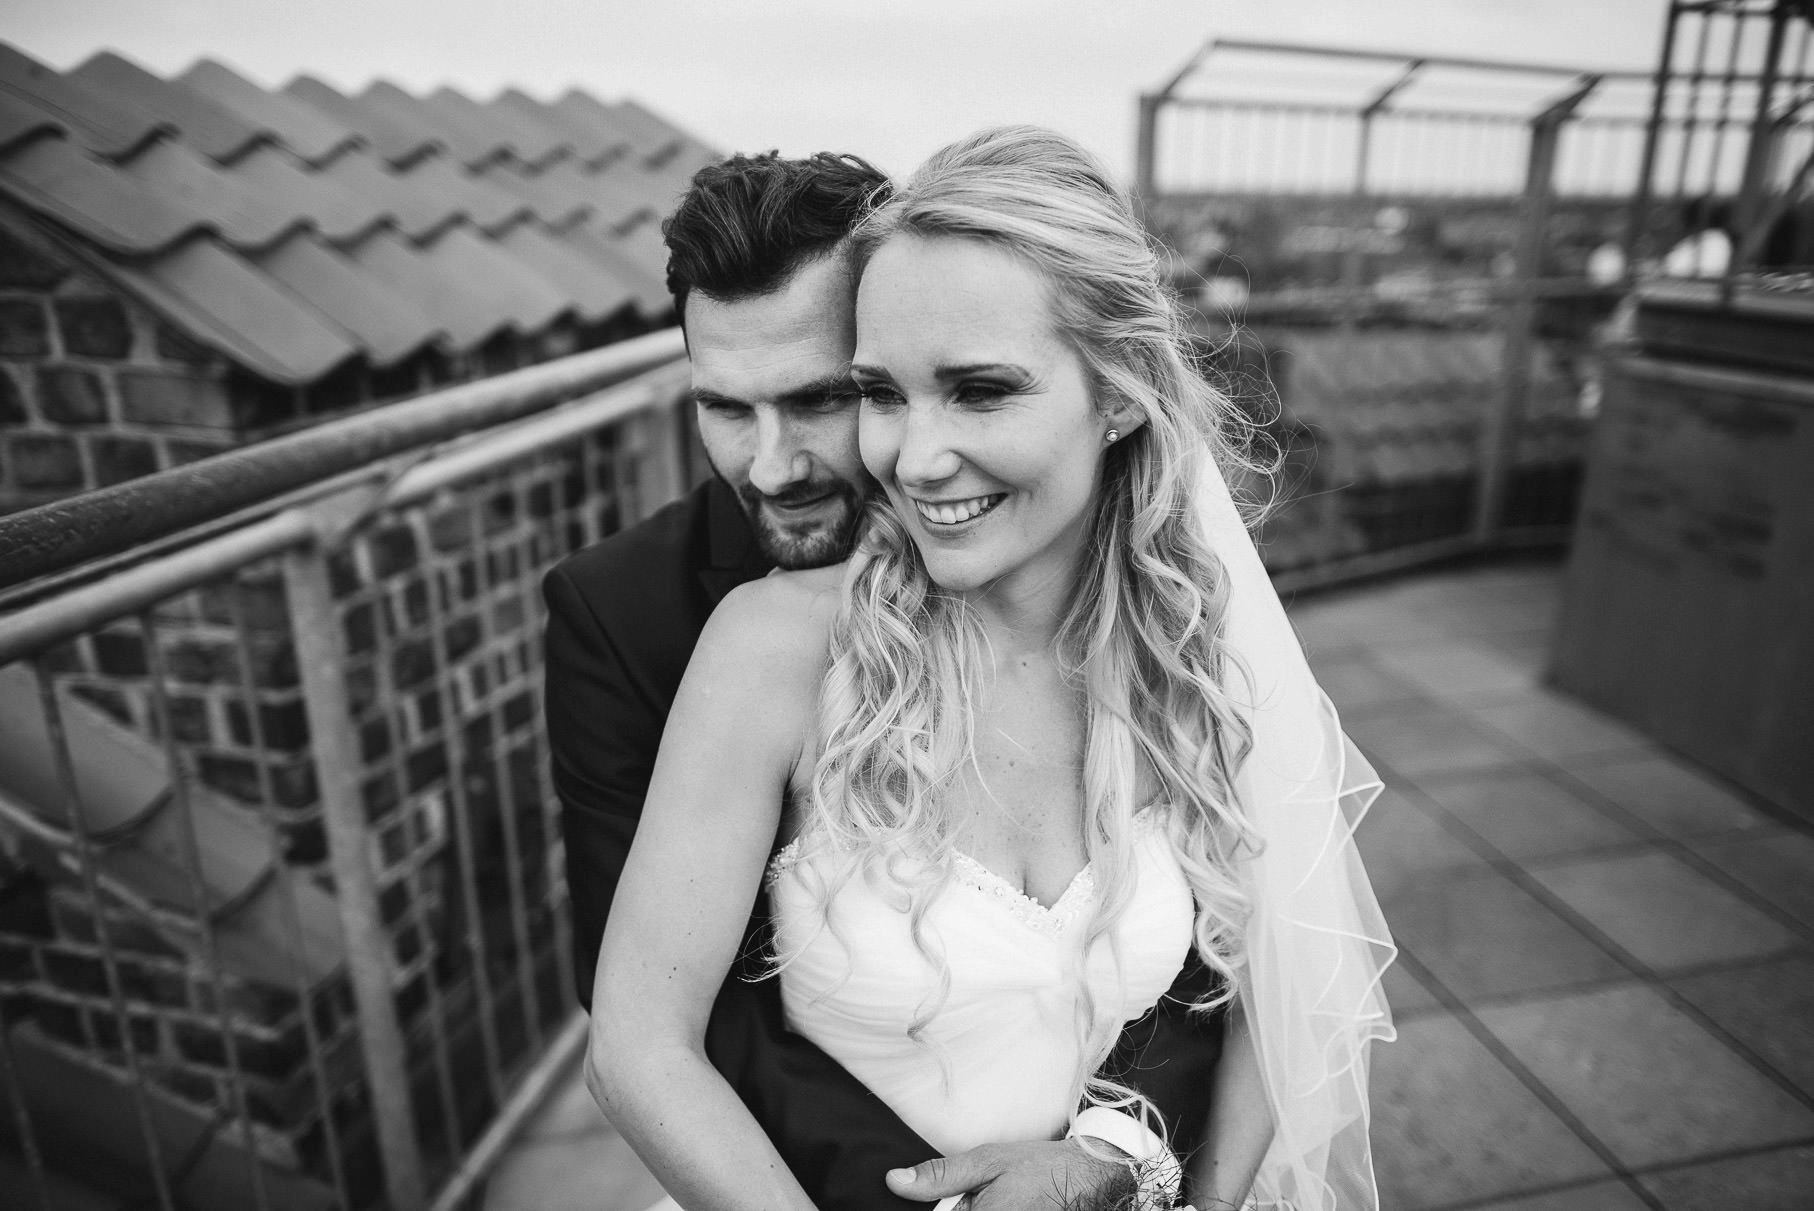 0040 jus 812 9126 - Hochzeit im Wasserturm Lüneburg - Jenny & Sascha